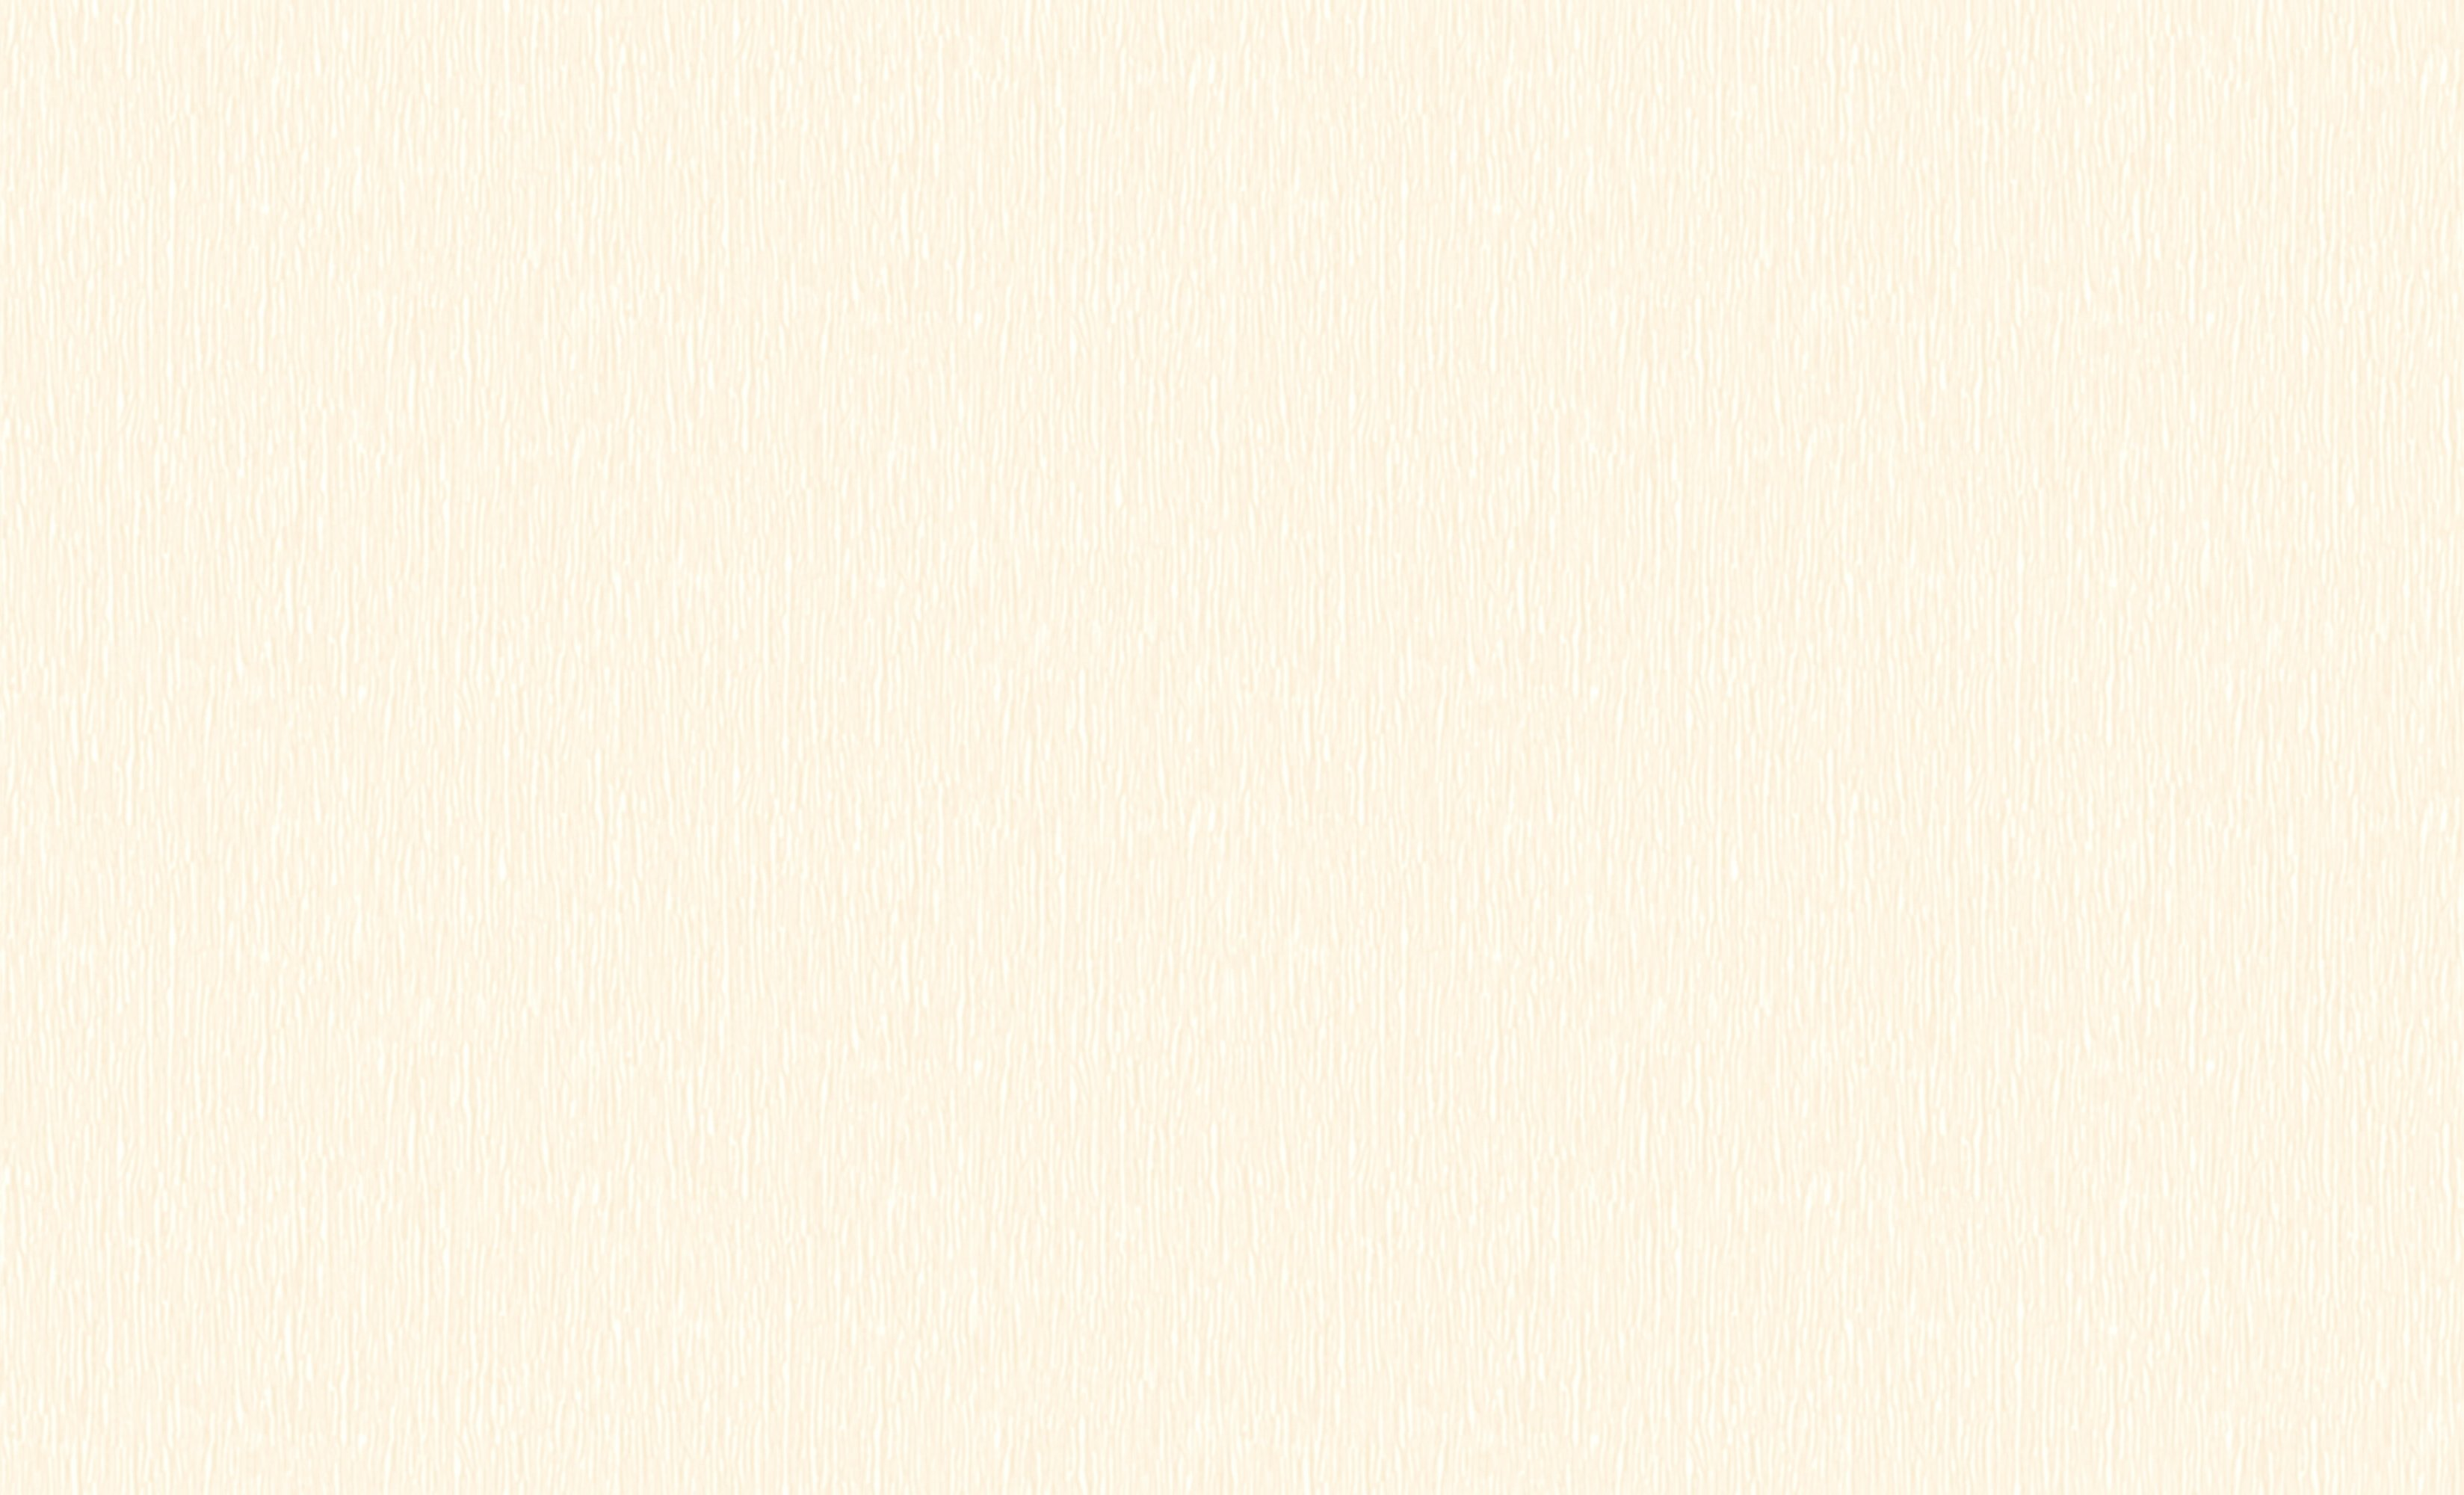 арт. 3498-4